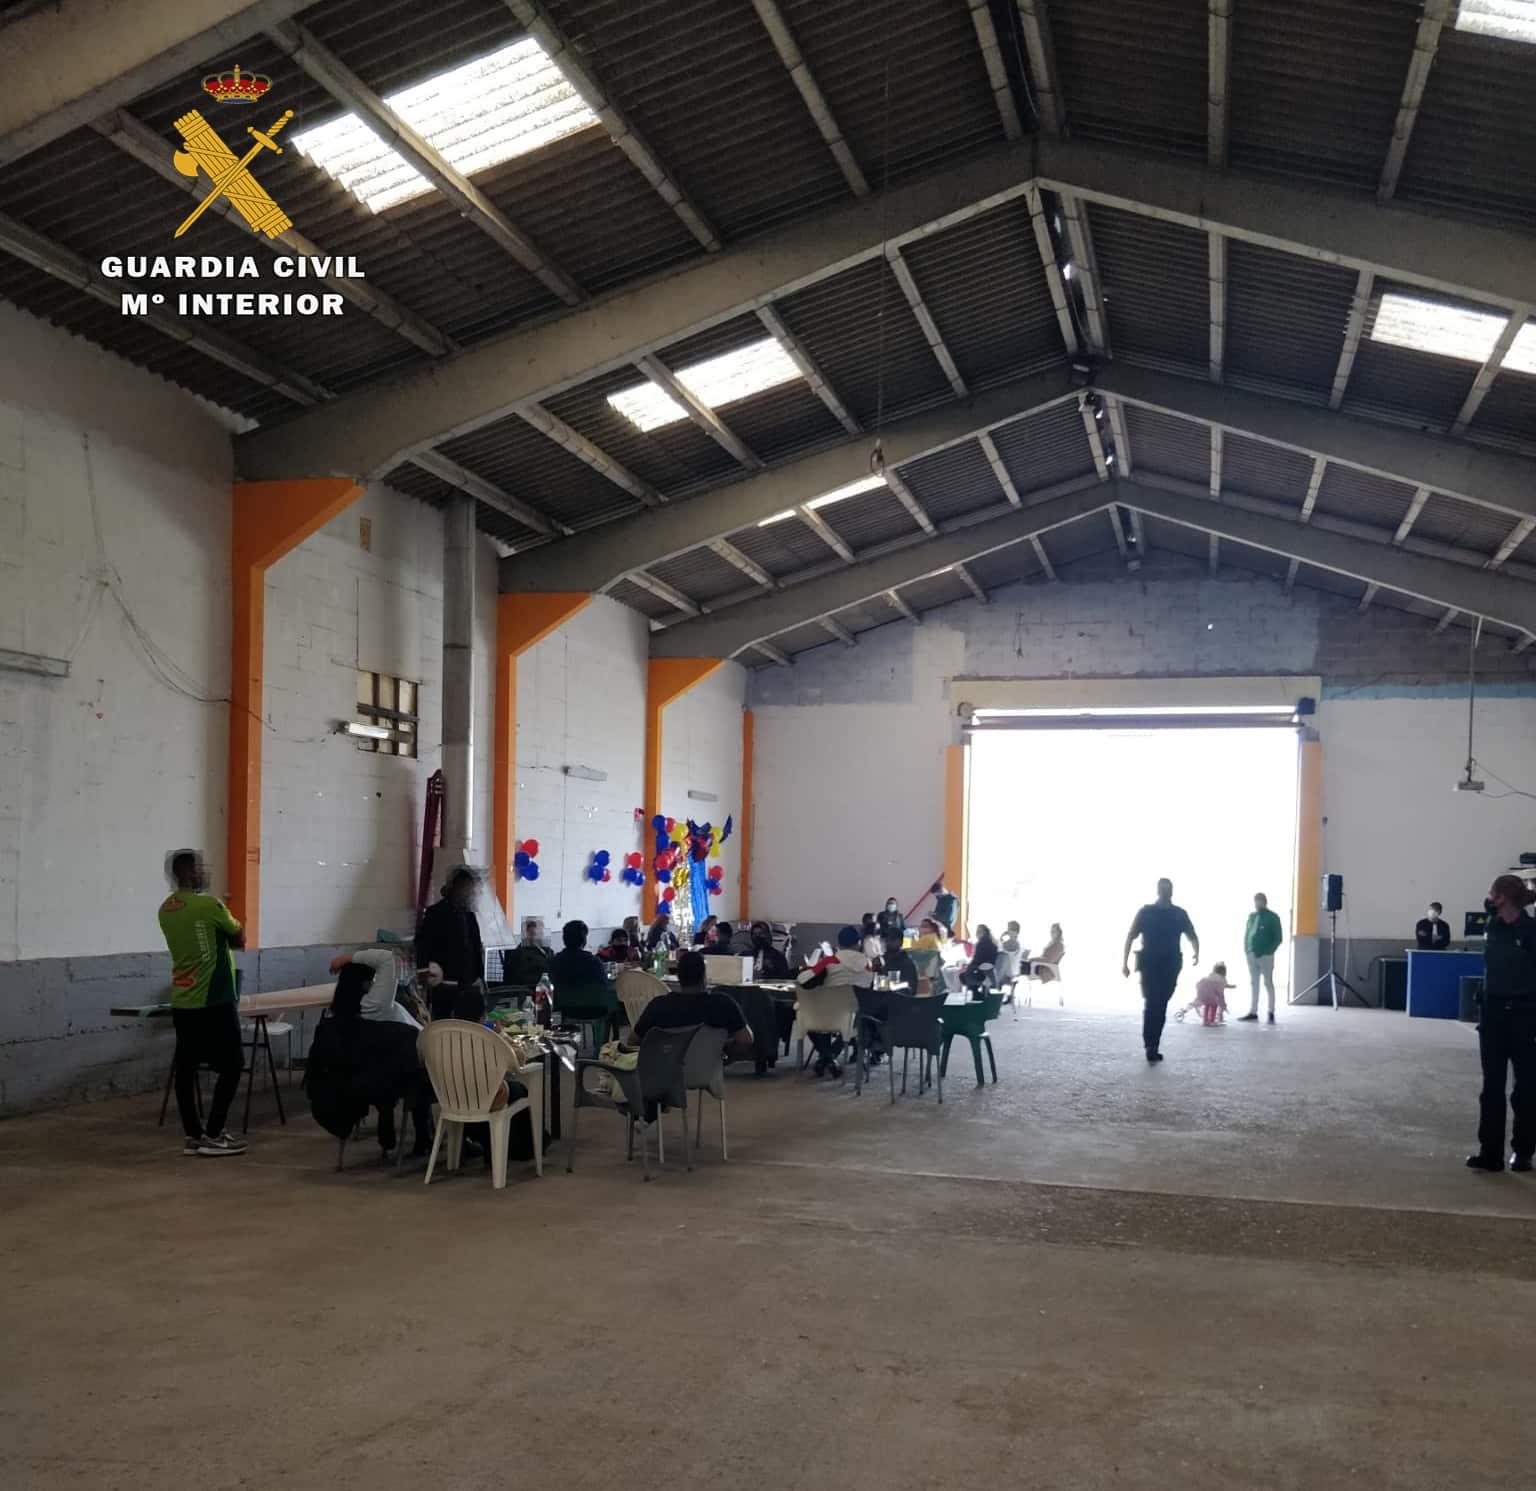 Disuelven en La Rioja una fiesta ilegal con 45 personas que se saltaron las restricciones por la COVID 1